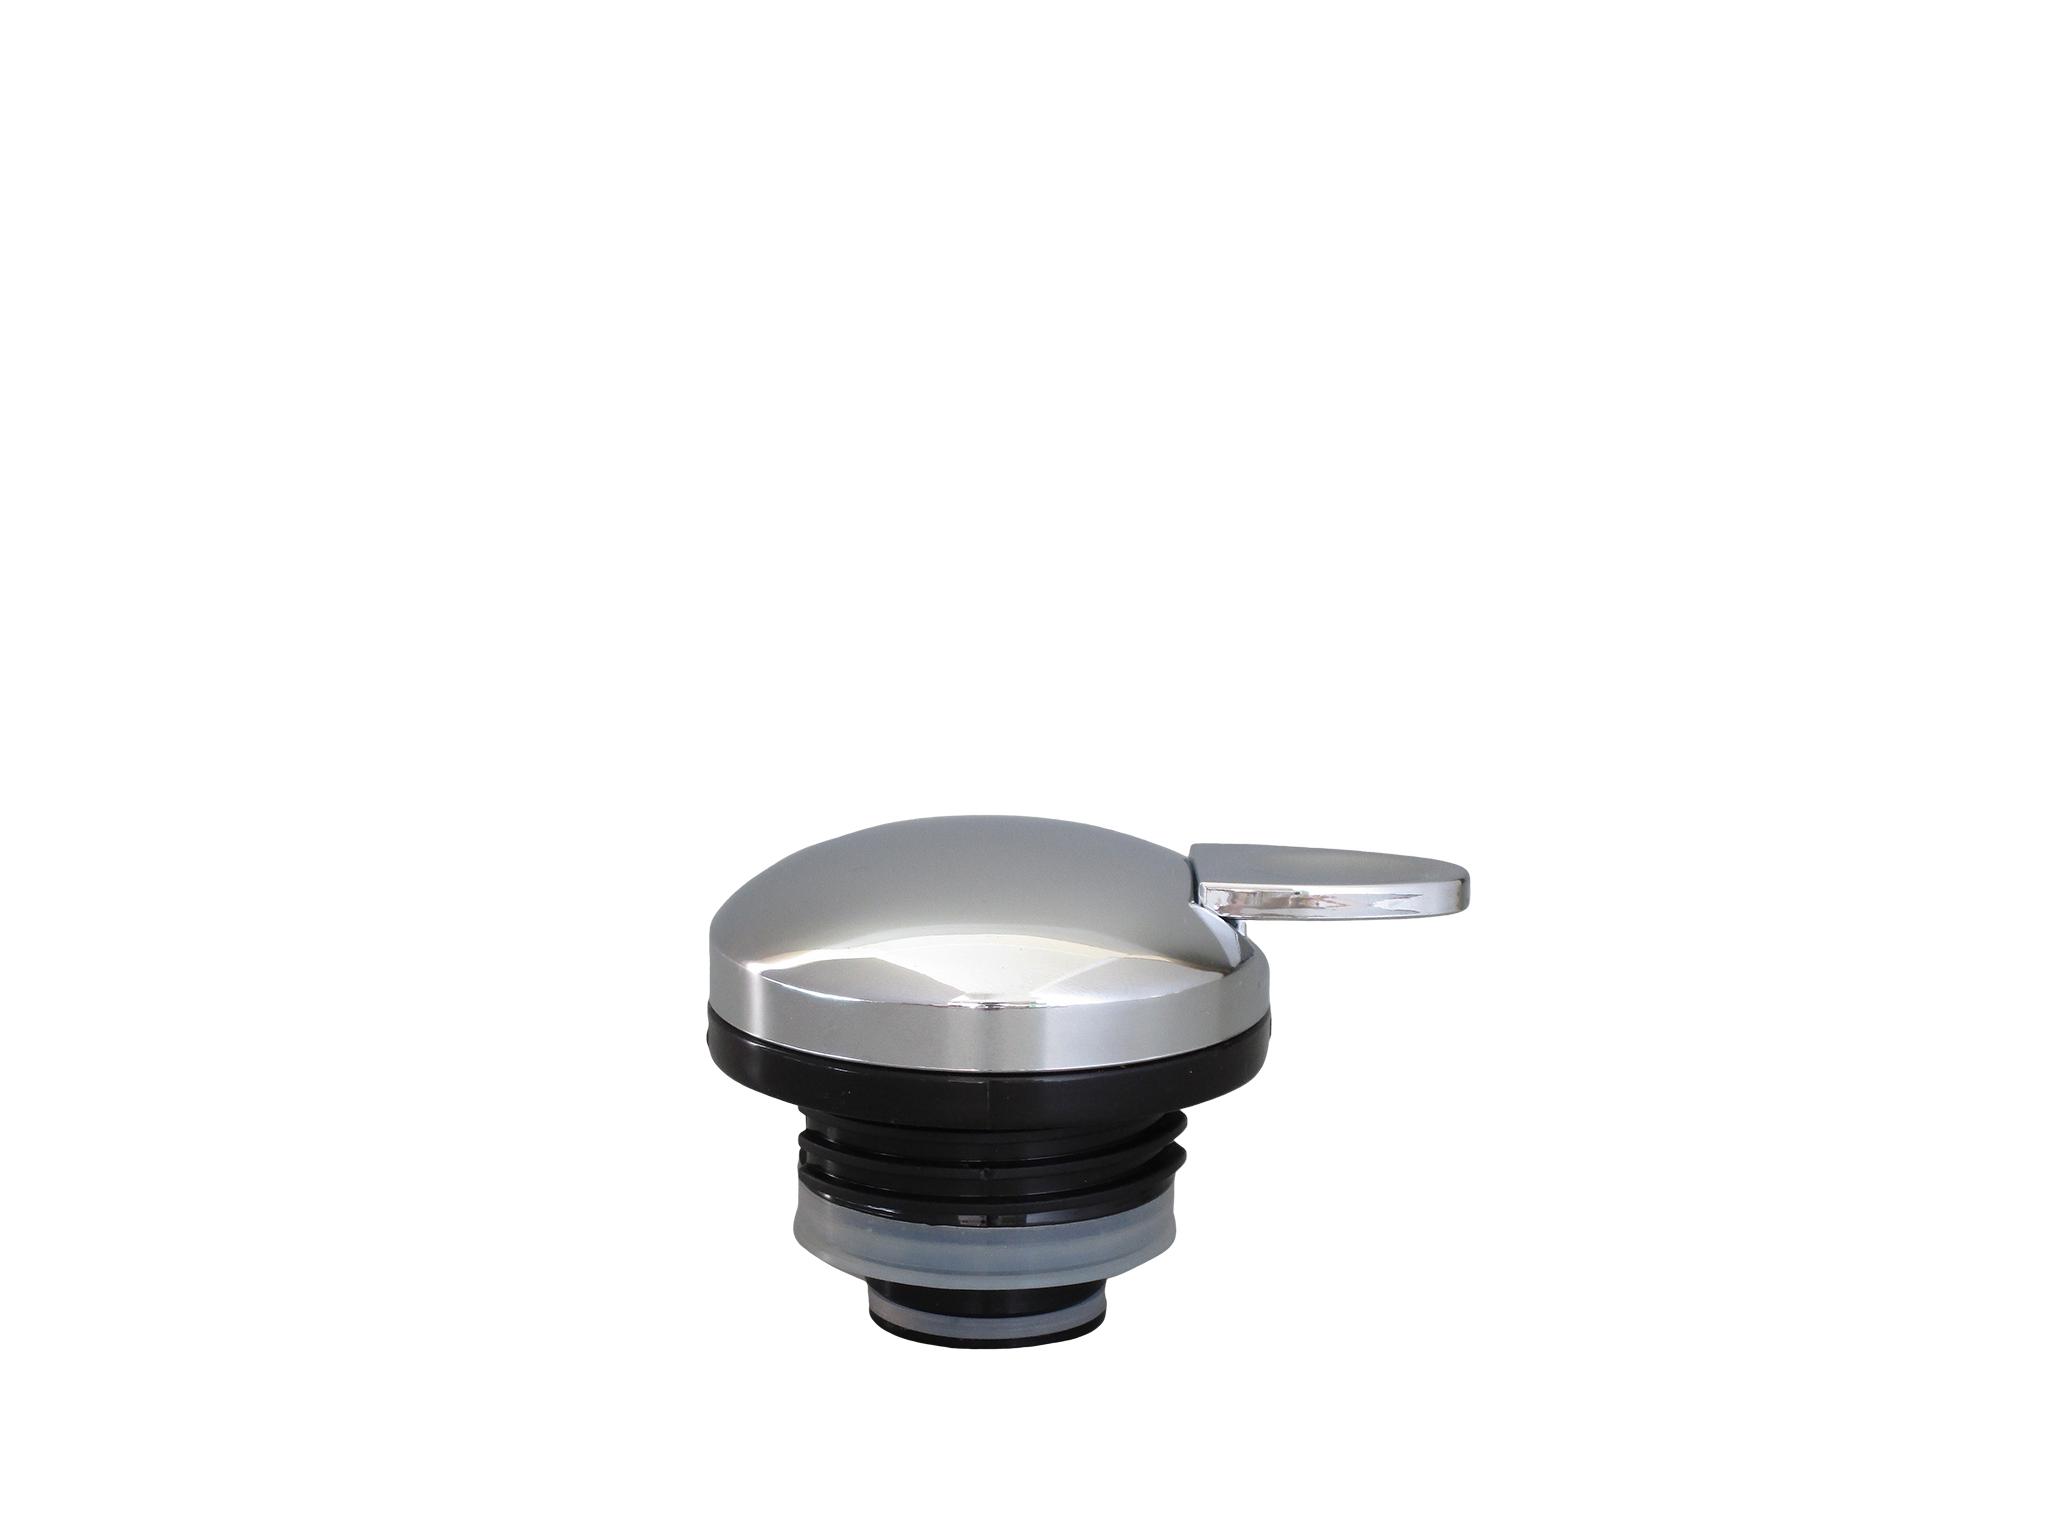 TEMPO10-049 - Isoleerkan RVS onbreekbaar donker grijs 1.0 L - Isobel